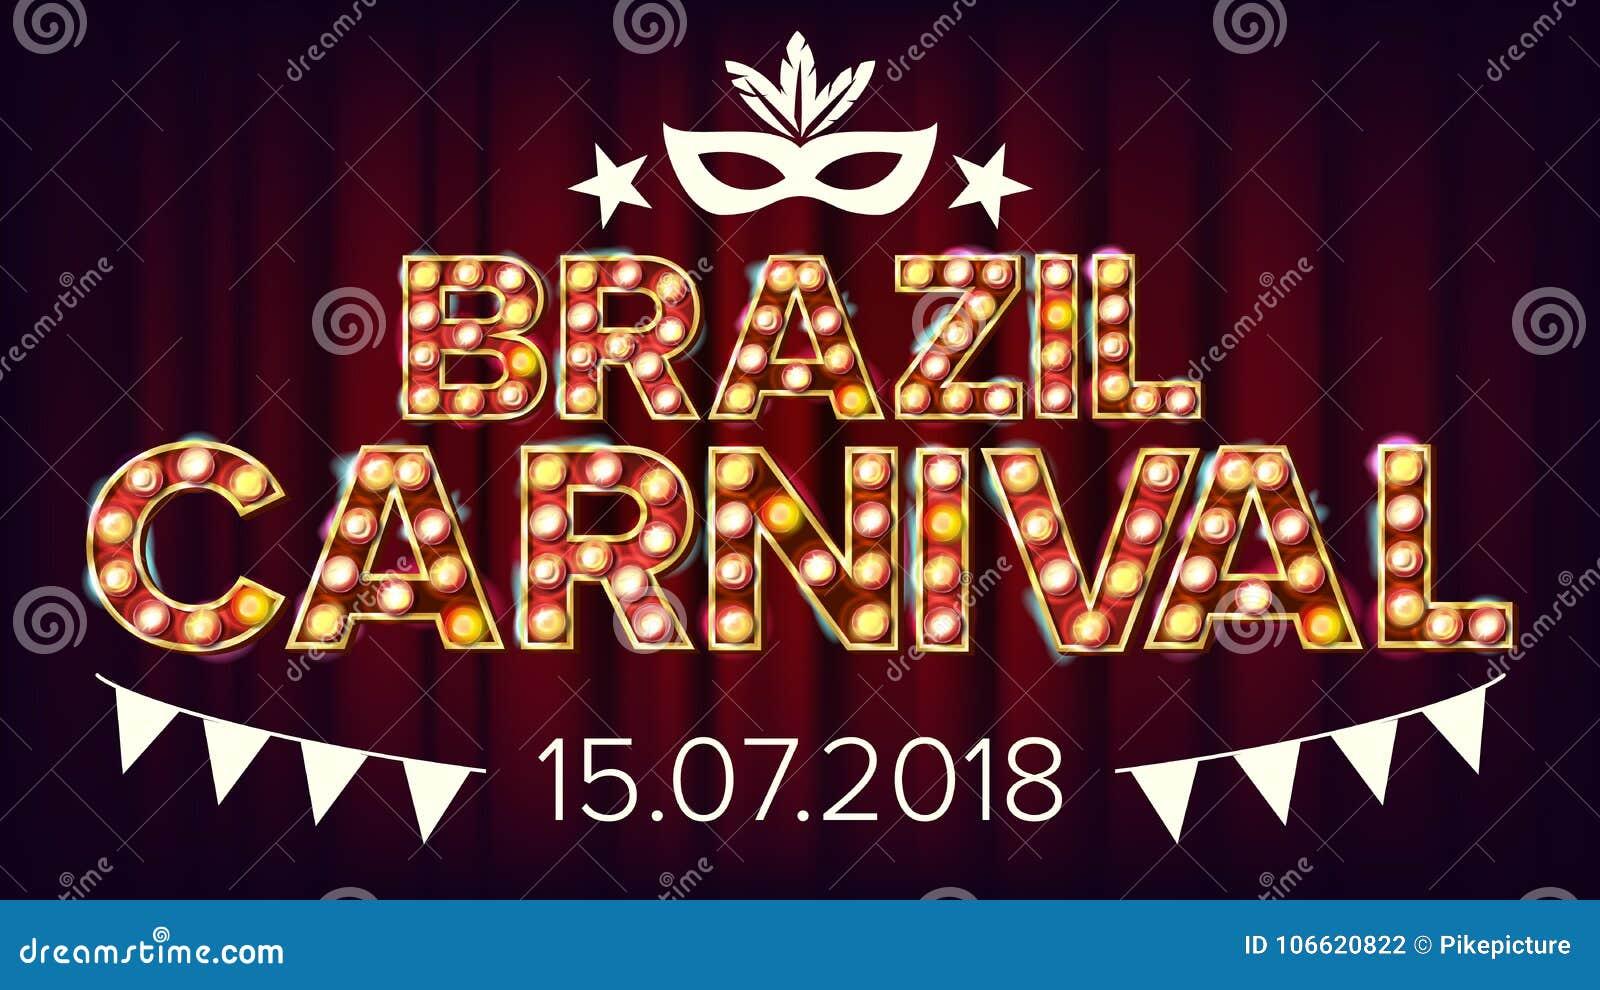 Διάνυσμα εμβλημάτων της Βραζιλίας καρναβάλι Υπόβαθρο λαμπτήρων καρναβαλιού Για το μουσικό σχέδιο εμβλημάτων κόμματος απεικόνιση α